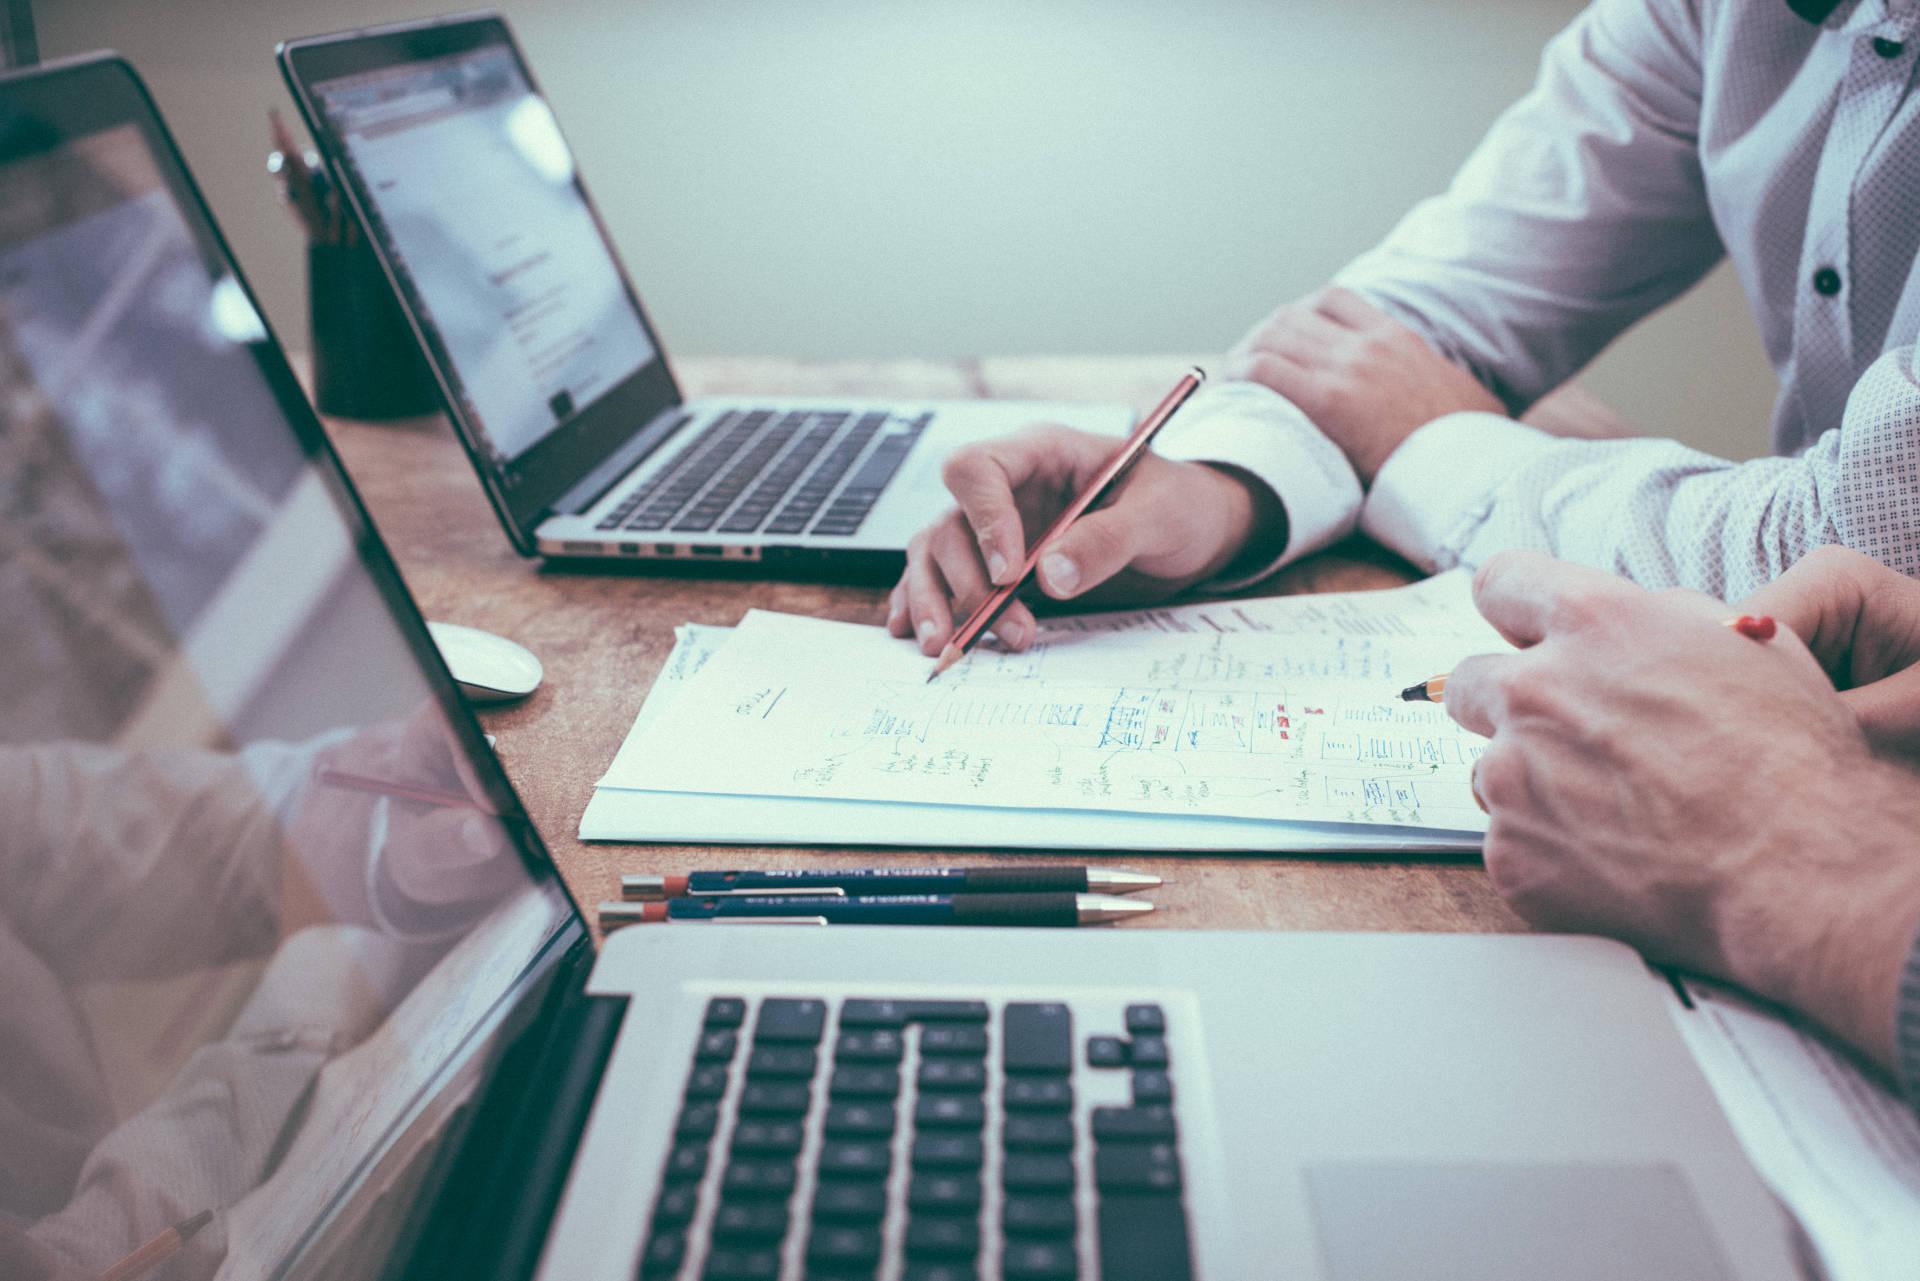 営業の顧客・取引先管理をする3つの方法|管理方法を選ぶ際のポイントとは? | Senses Lab. | アイキャッチ画像